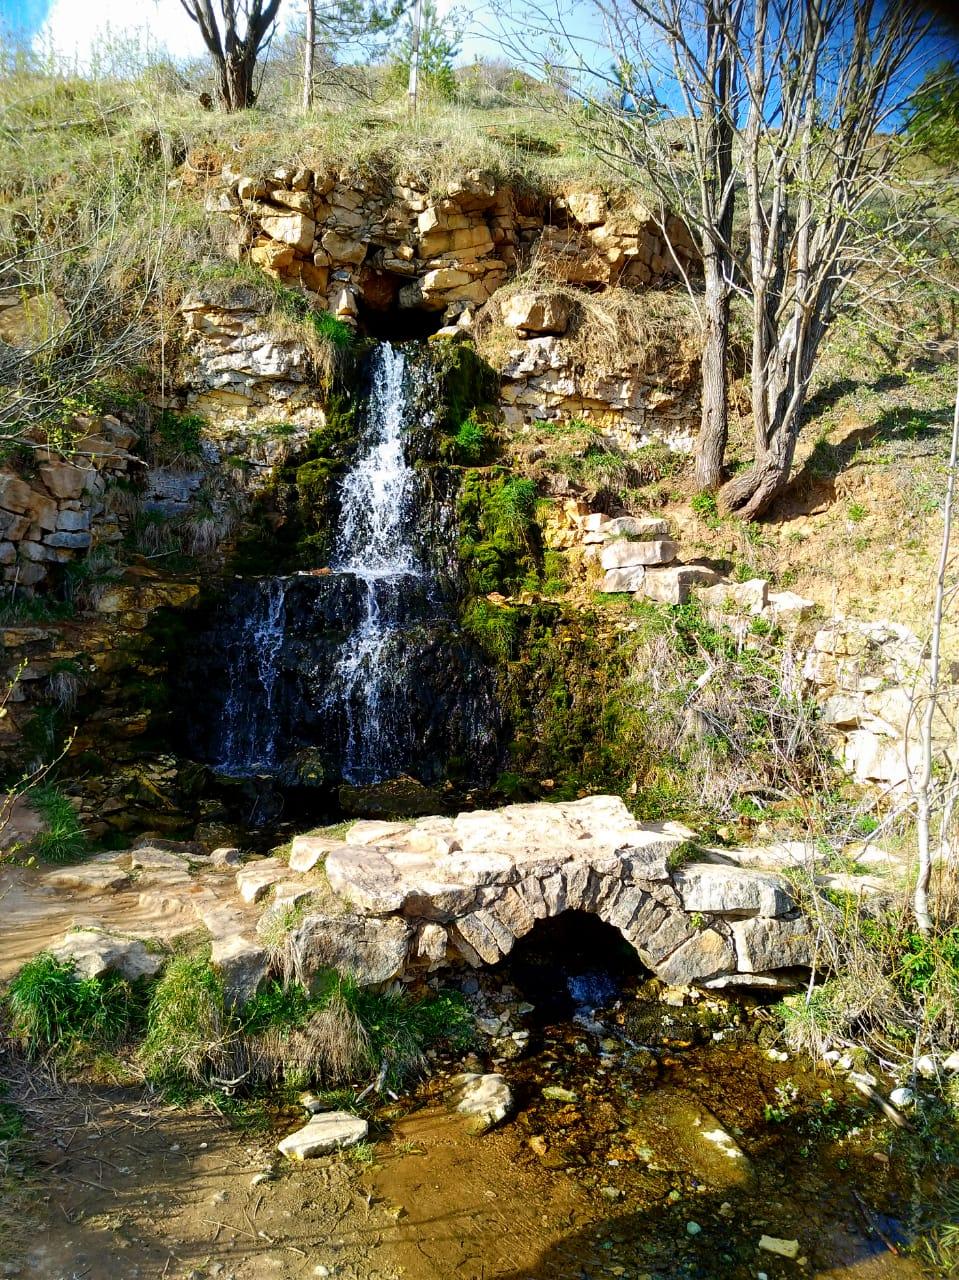 Водопадик небольшой, метров 4-5. Но водичка бежит довольно бодренько. Напротив каменный мостик. Естественно, этот мостик не имеет отношения к Государевой дороге.